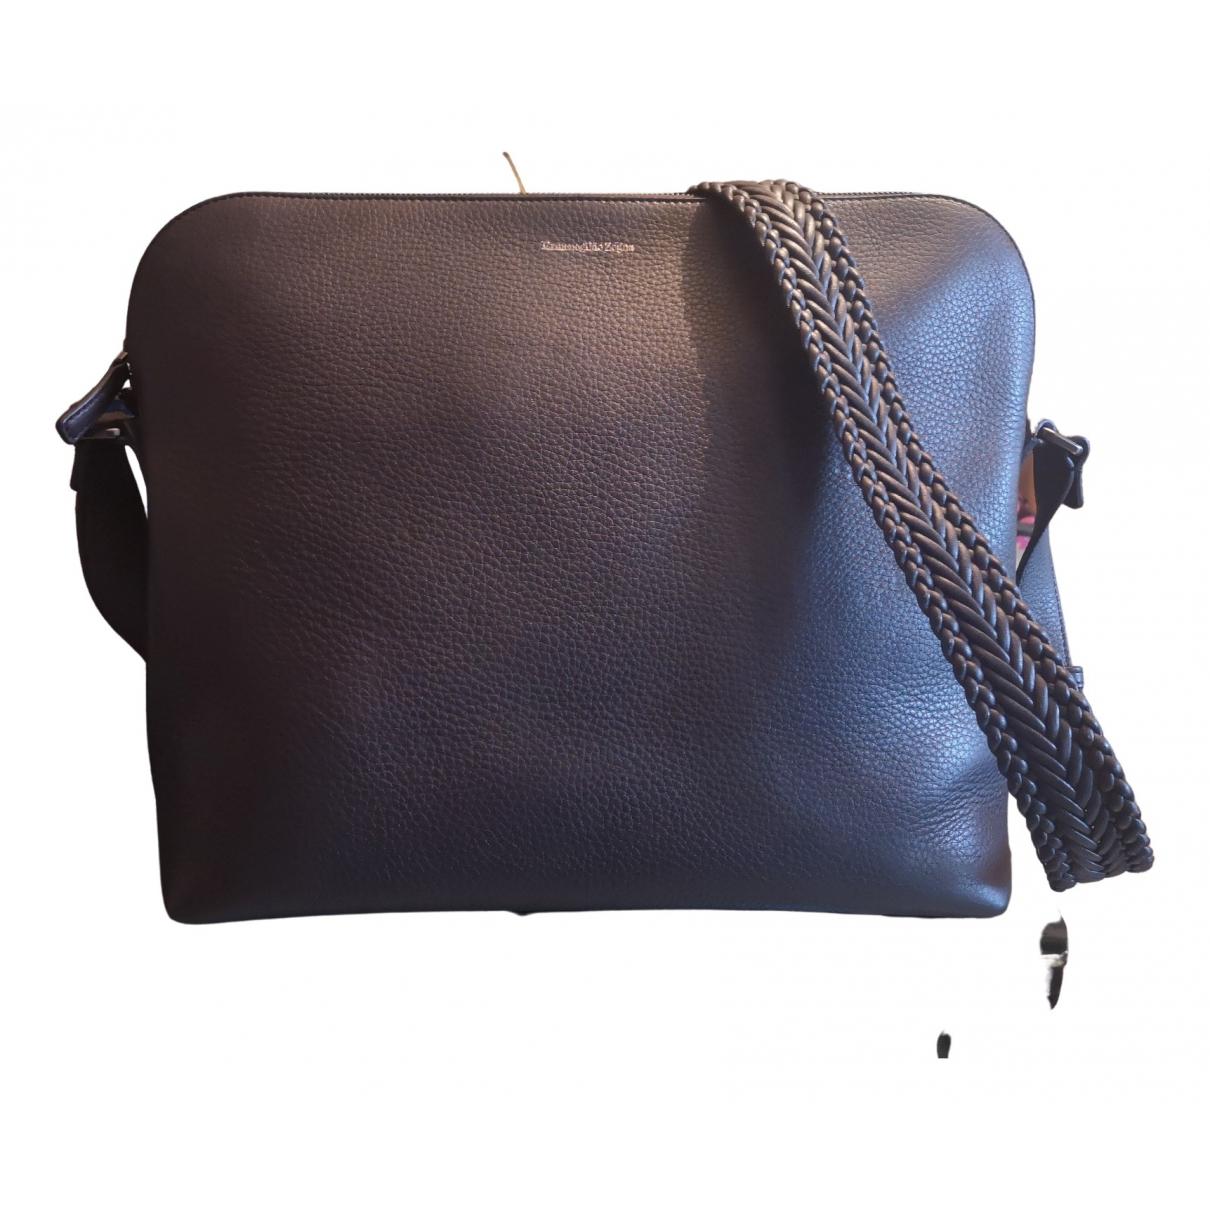 Ermenegildo Zegna \N Brown Leather bag for Men \N